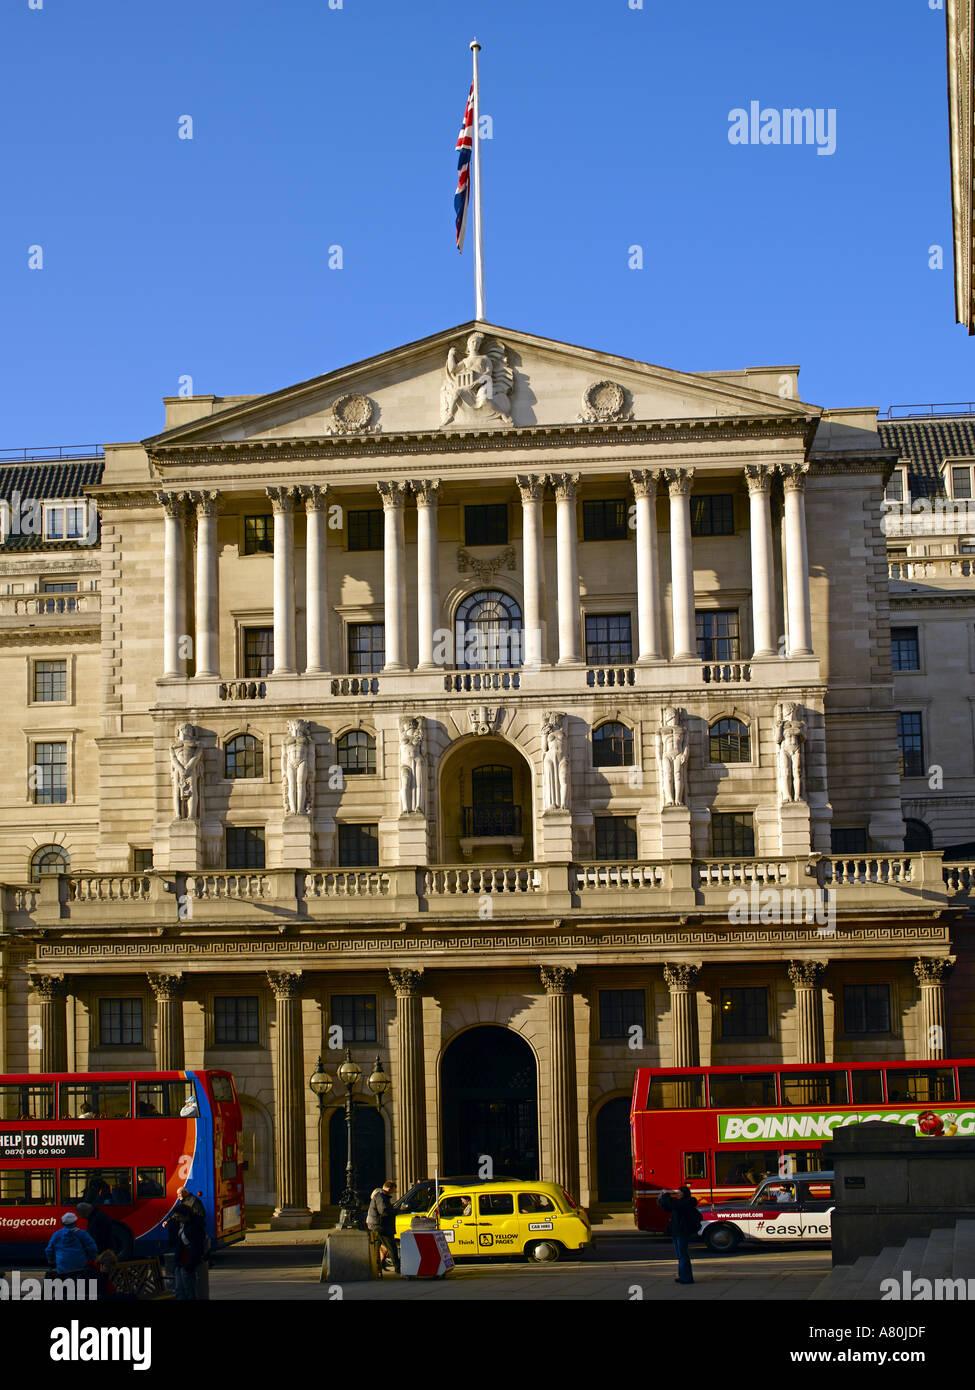 Threadneedle Street, Bank of England - Stock Image